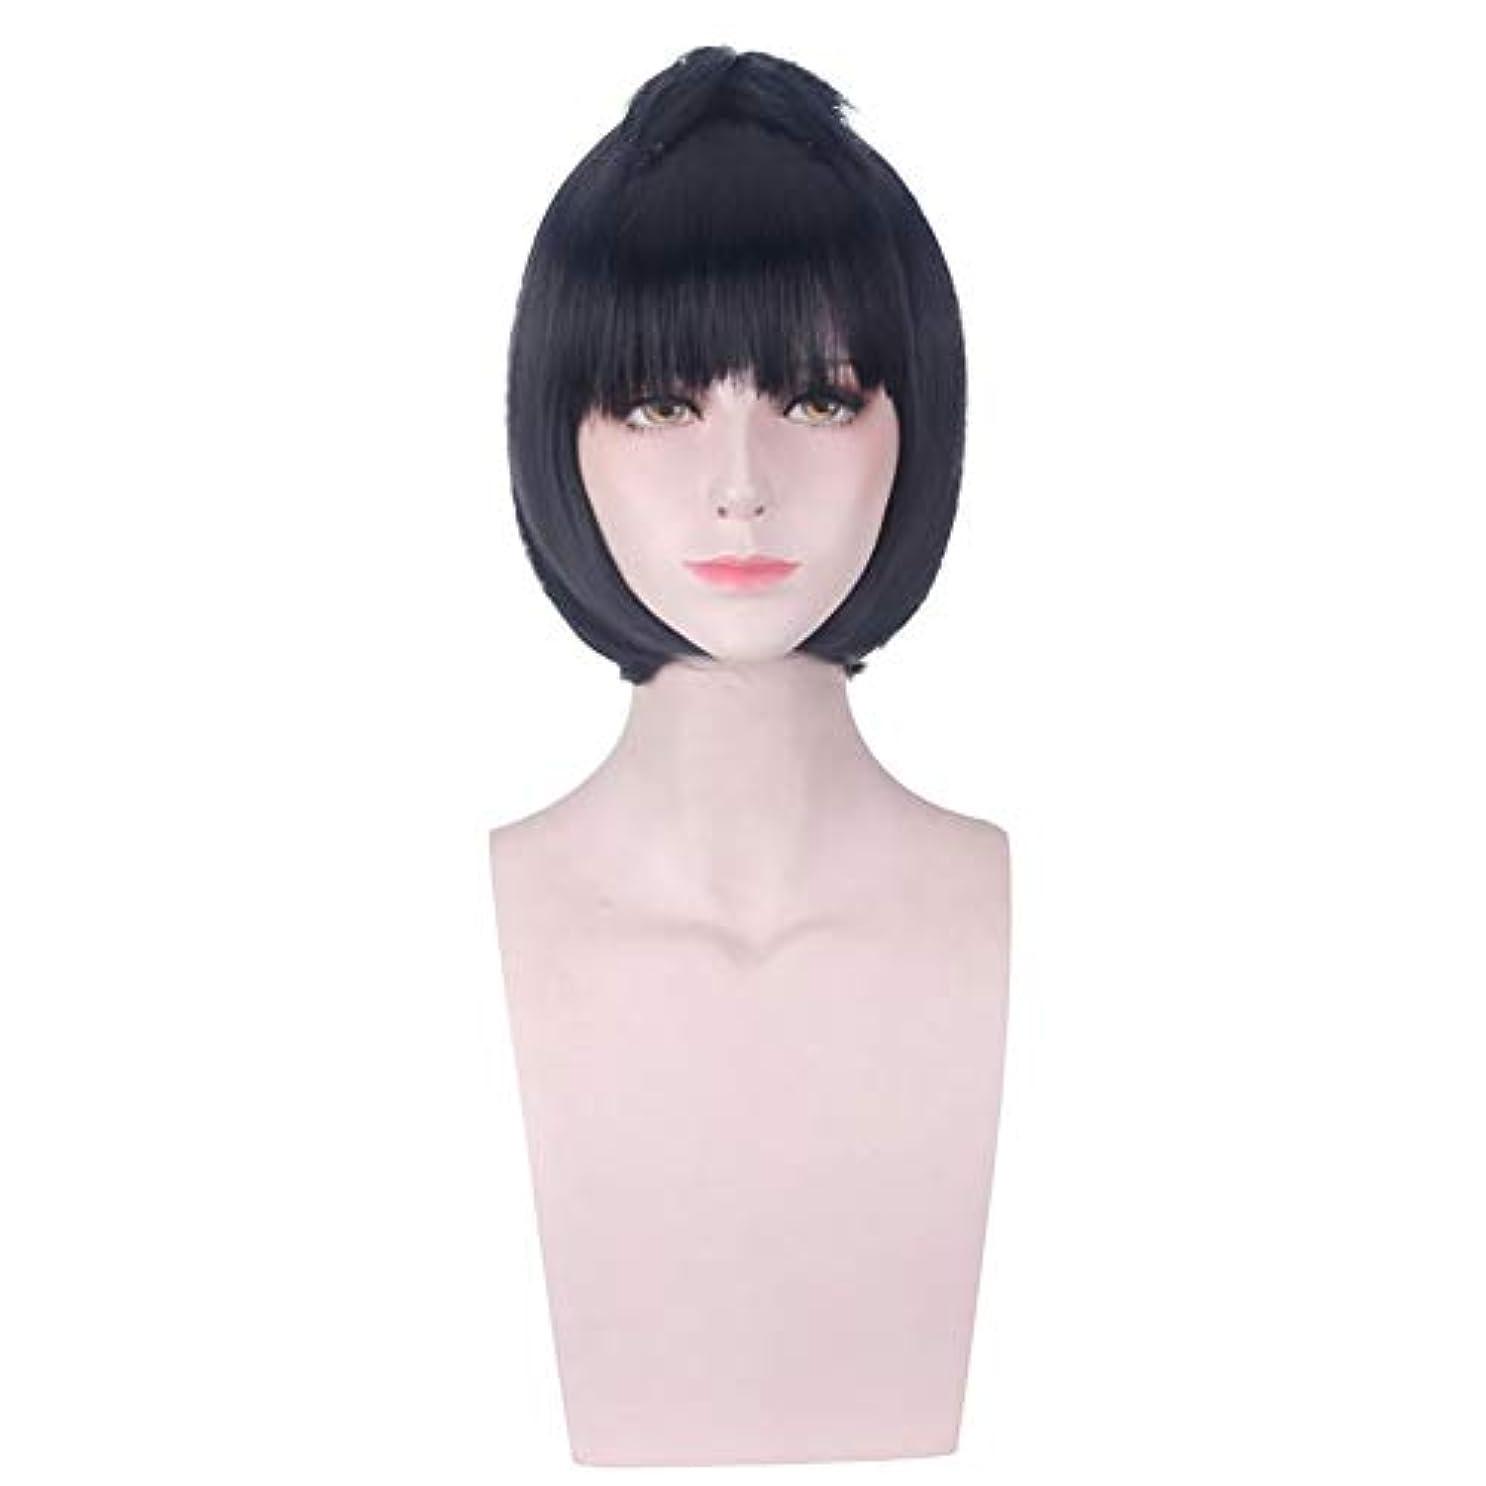 メドレースペアオプショナル前髪/前髪ウィッグと女性の合成黒ショートウィッグ高温ファイバーヘアー